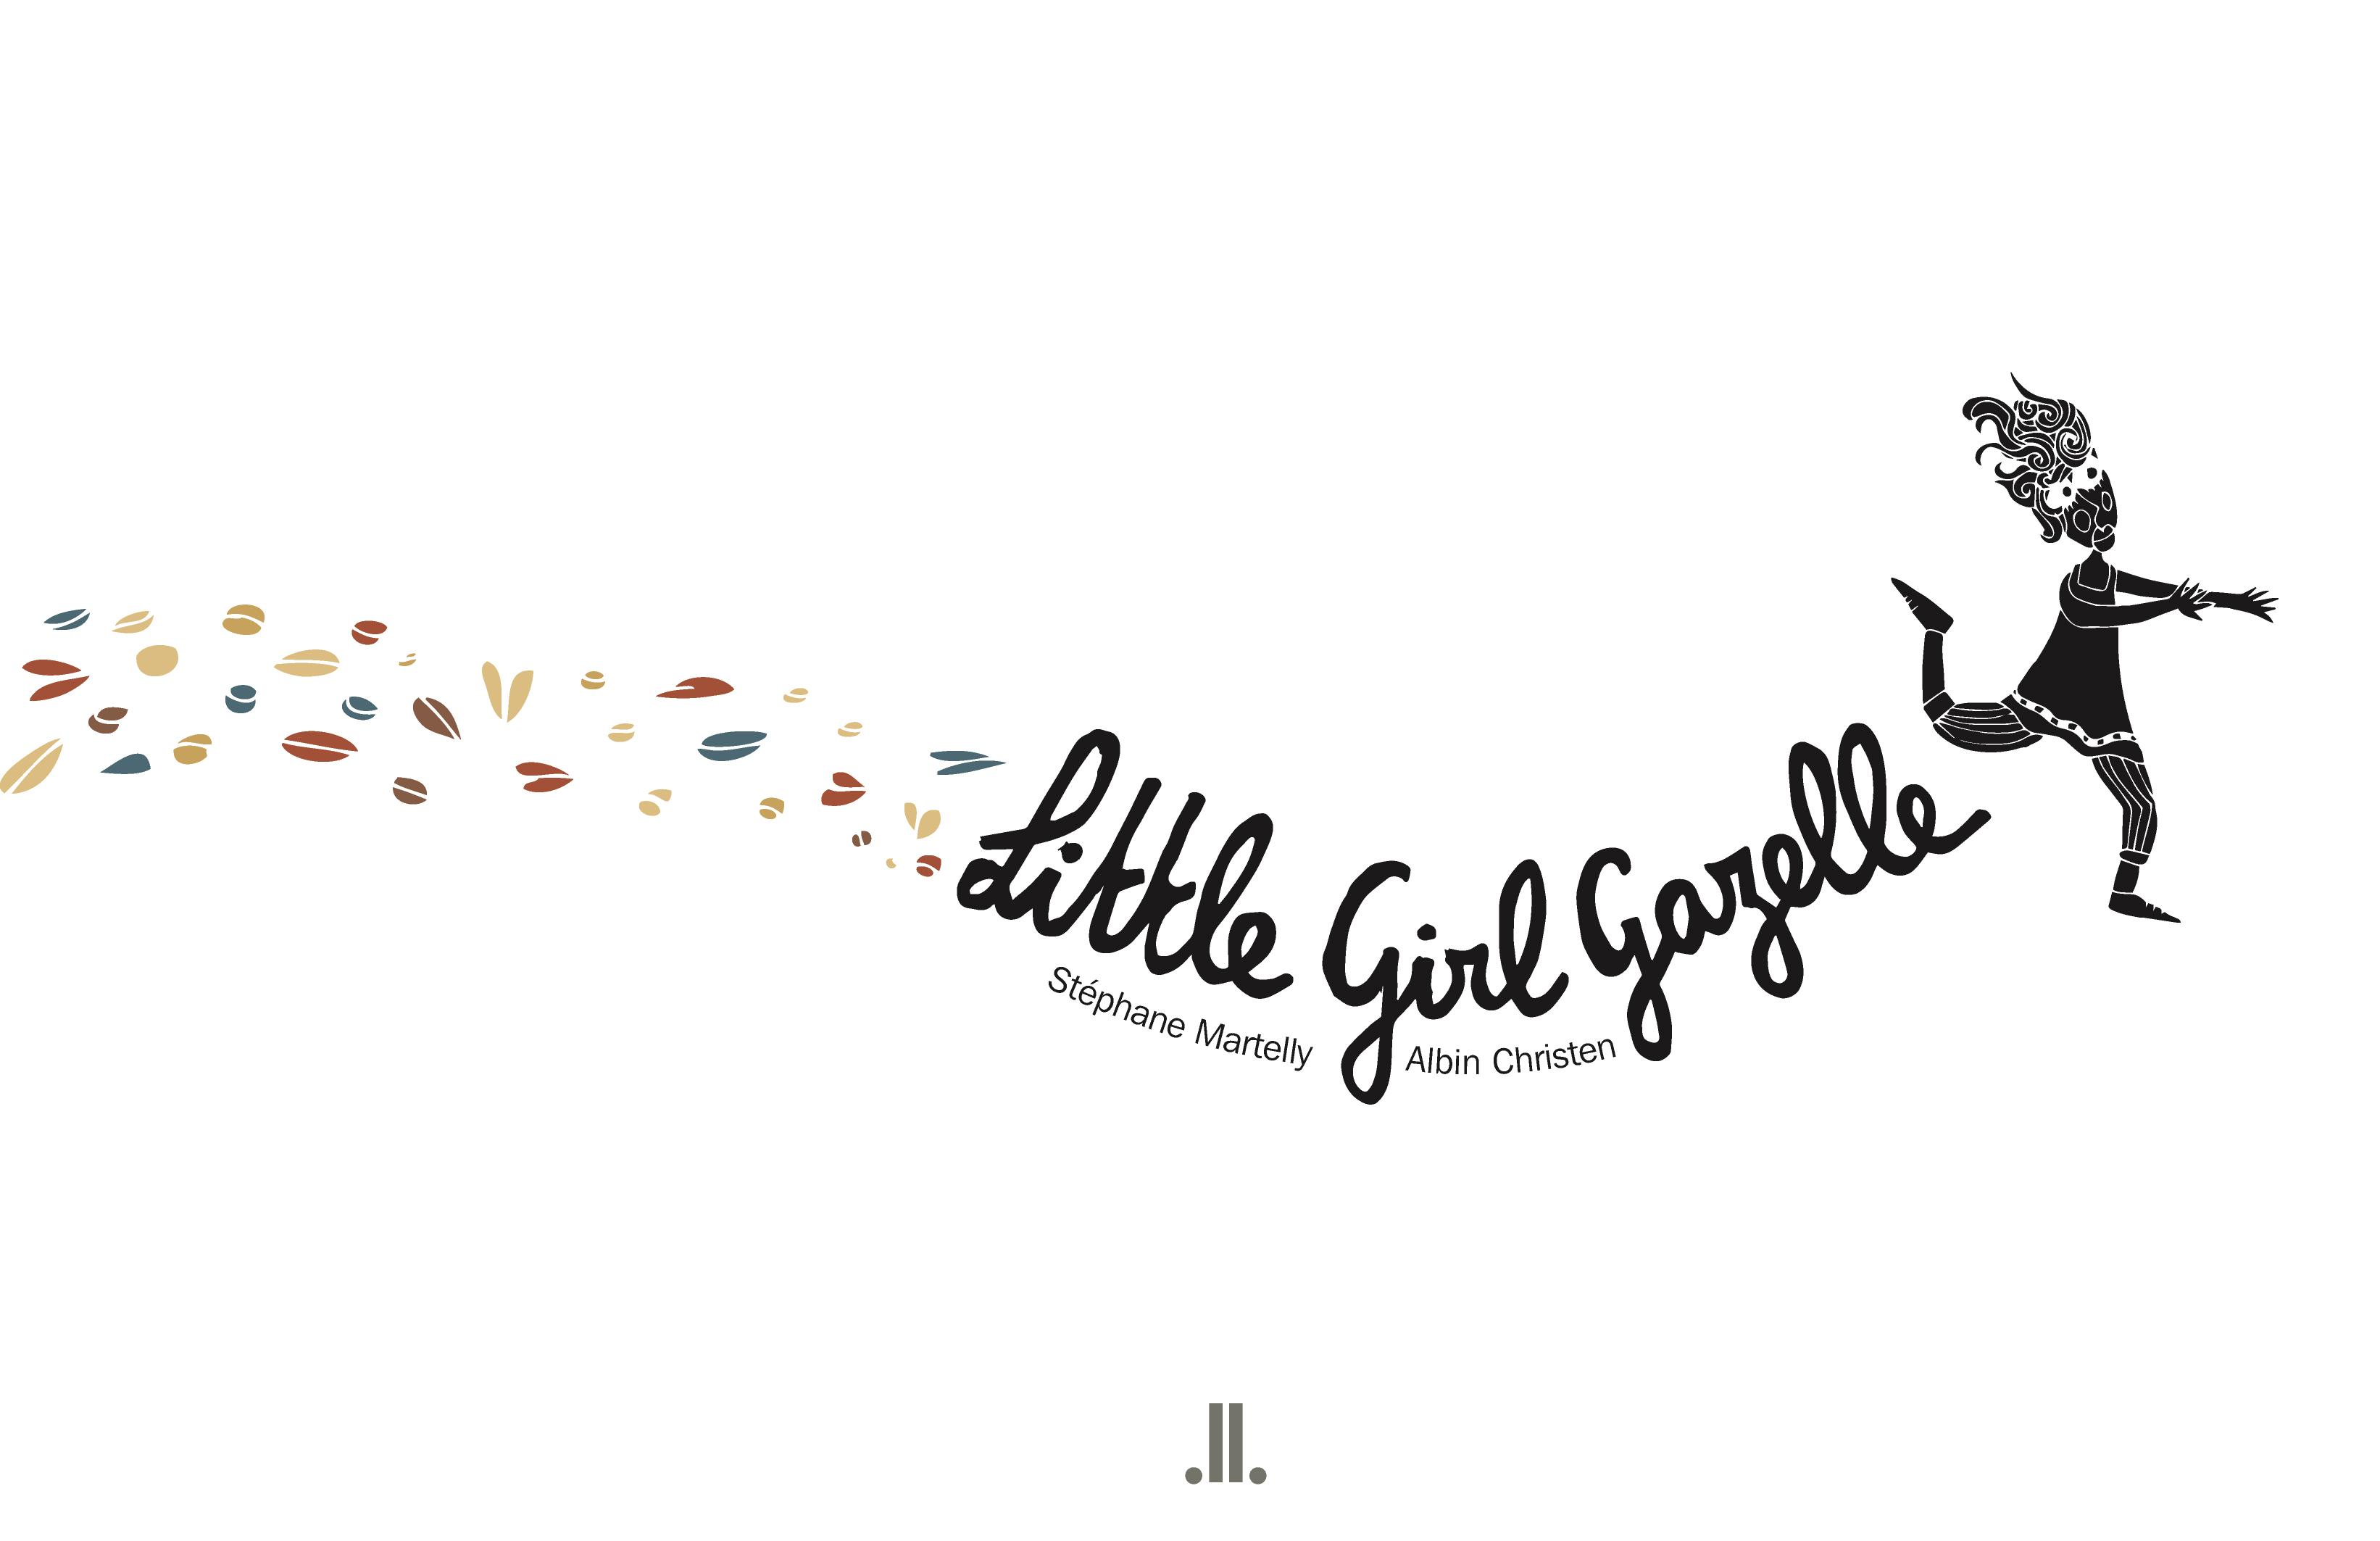 Little Girl Gazelle by Stephane Martelly, Katia Grubisic (Trans.)   Linda Leith Publishing, 2020